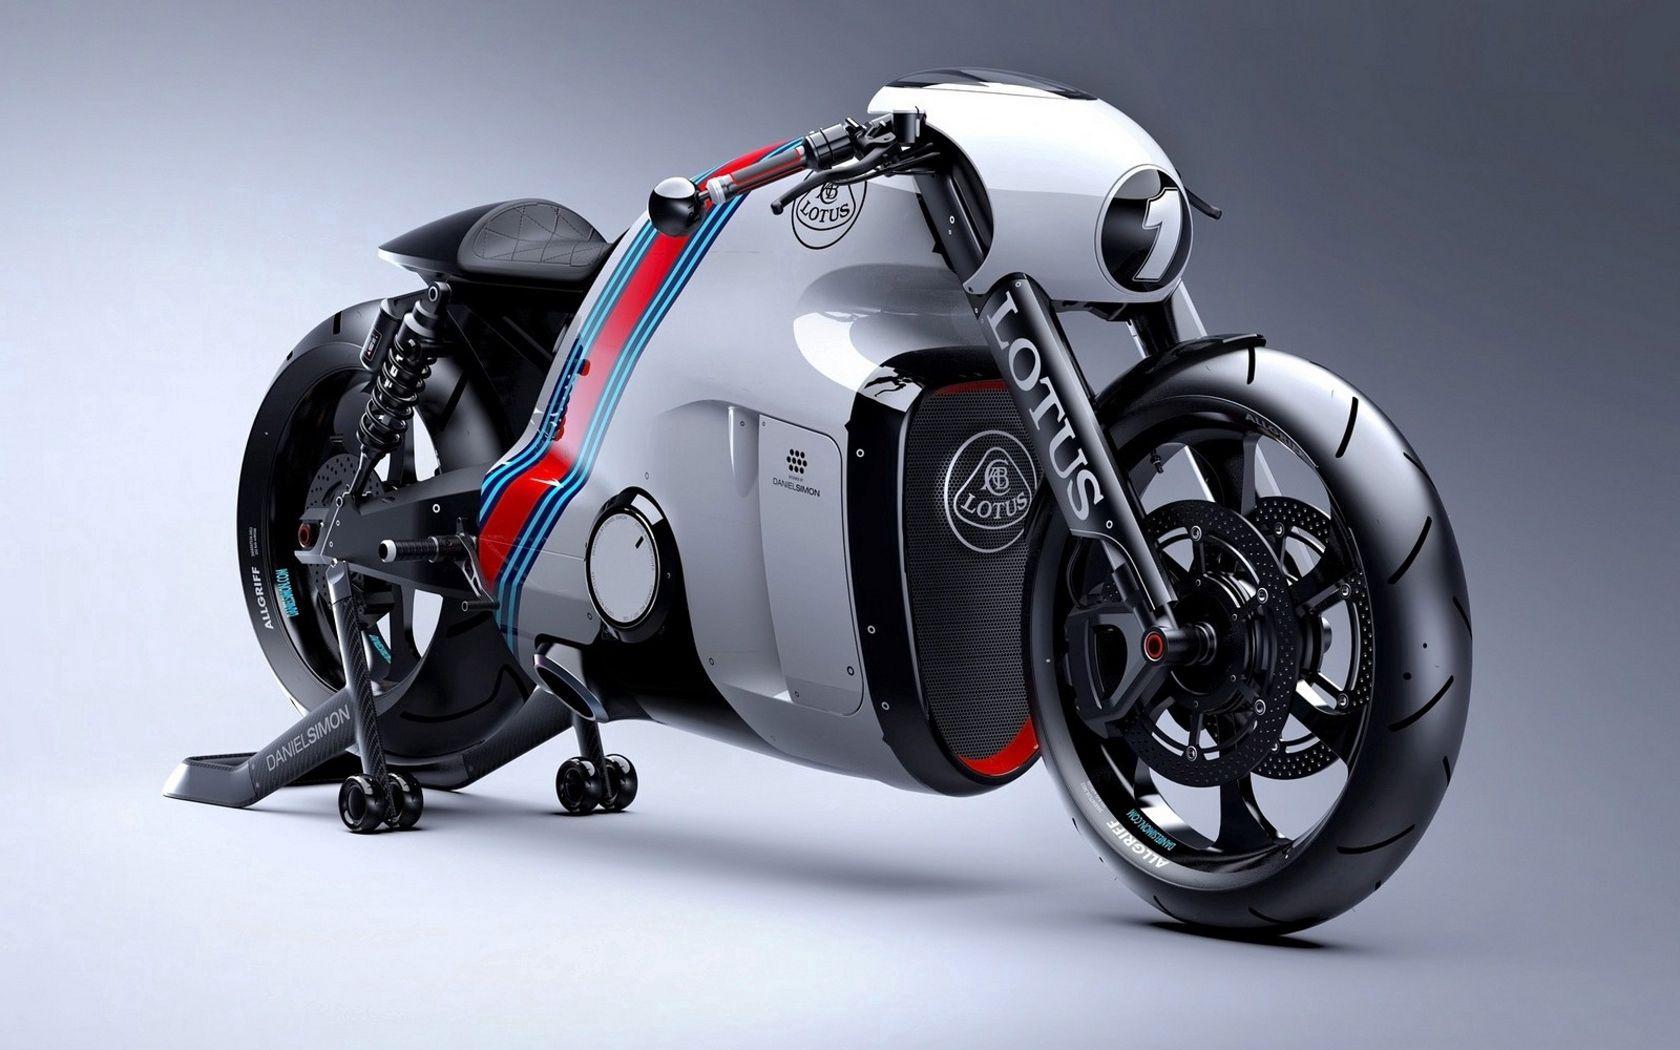 107708 скачать обои Мотоциклы, Мотоцикл, Лотус (Lotus), Gt, Вид Сбоку - заставки и картинки бесплатно